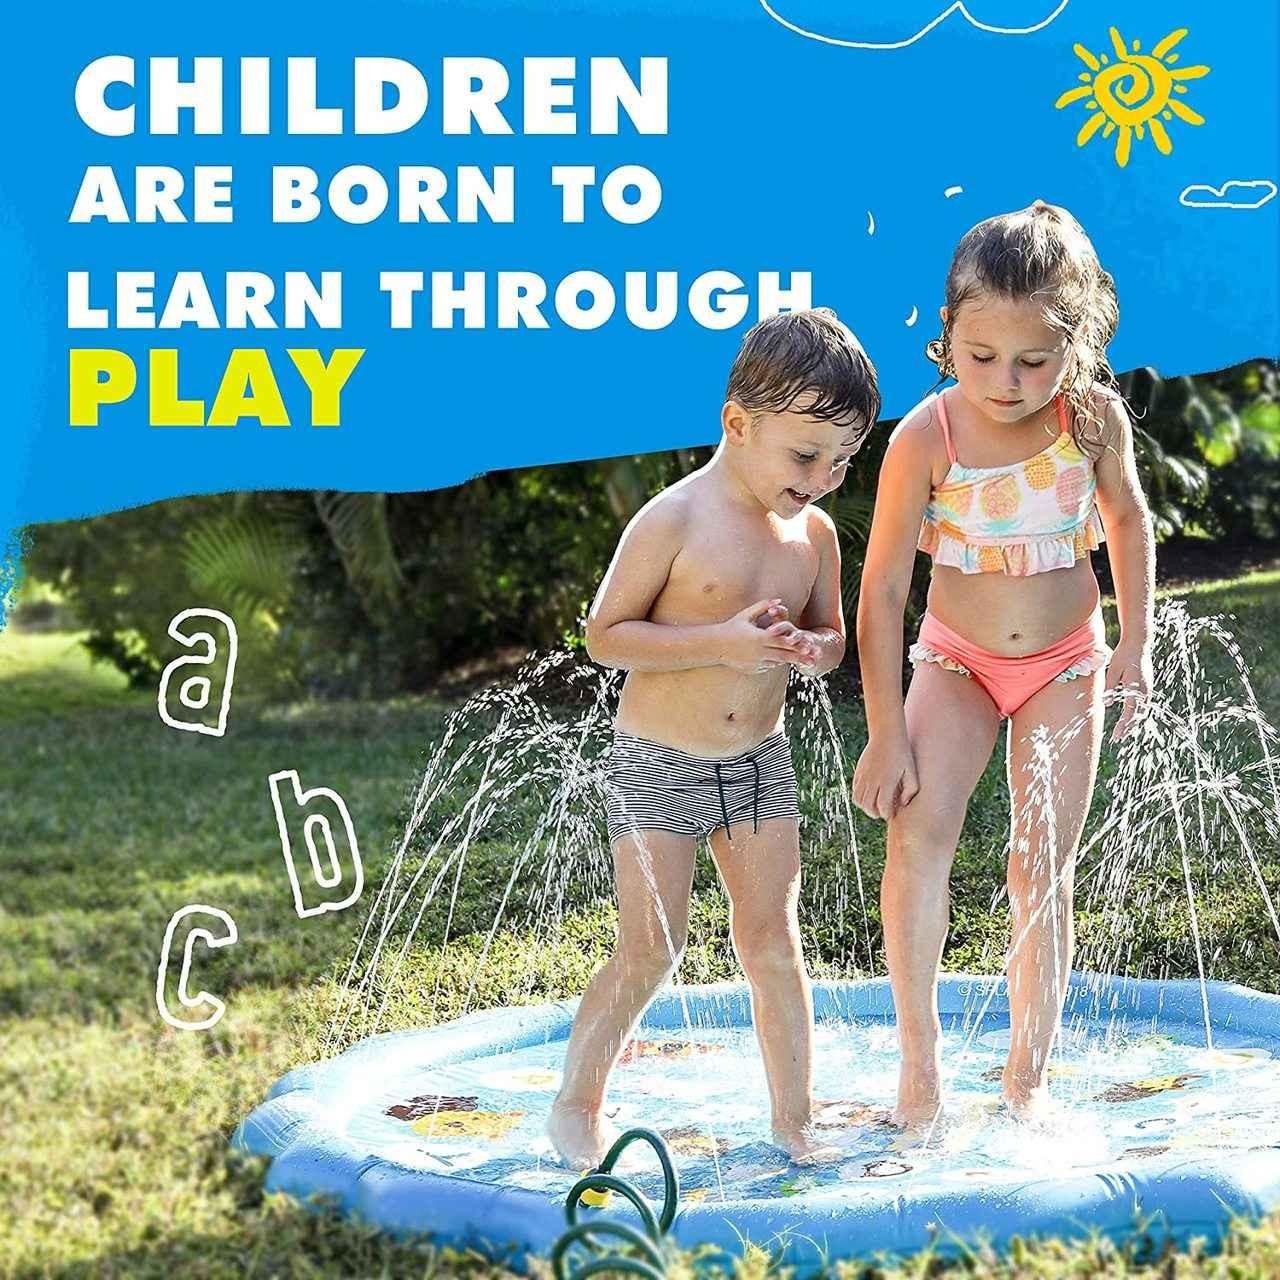 Kiddie Pool, Baby Pool Splashin/'kids 3 in 1 Inflatable Sprinkler Pool for Kids